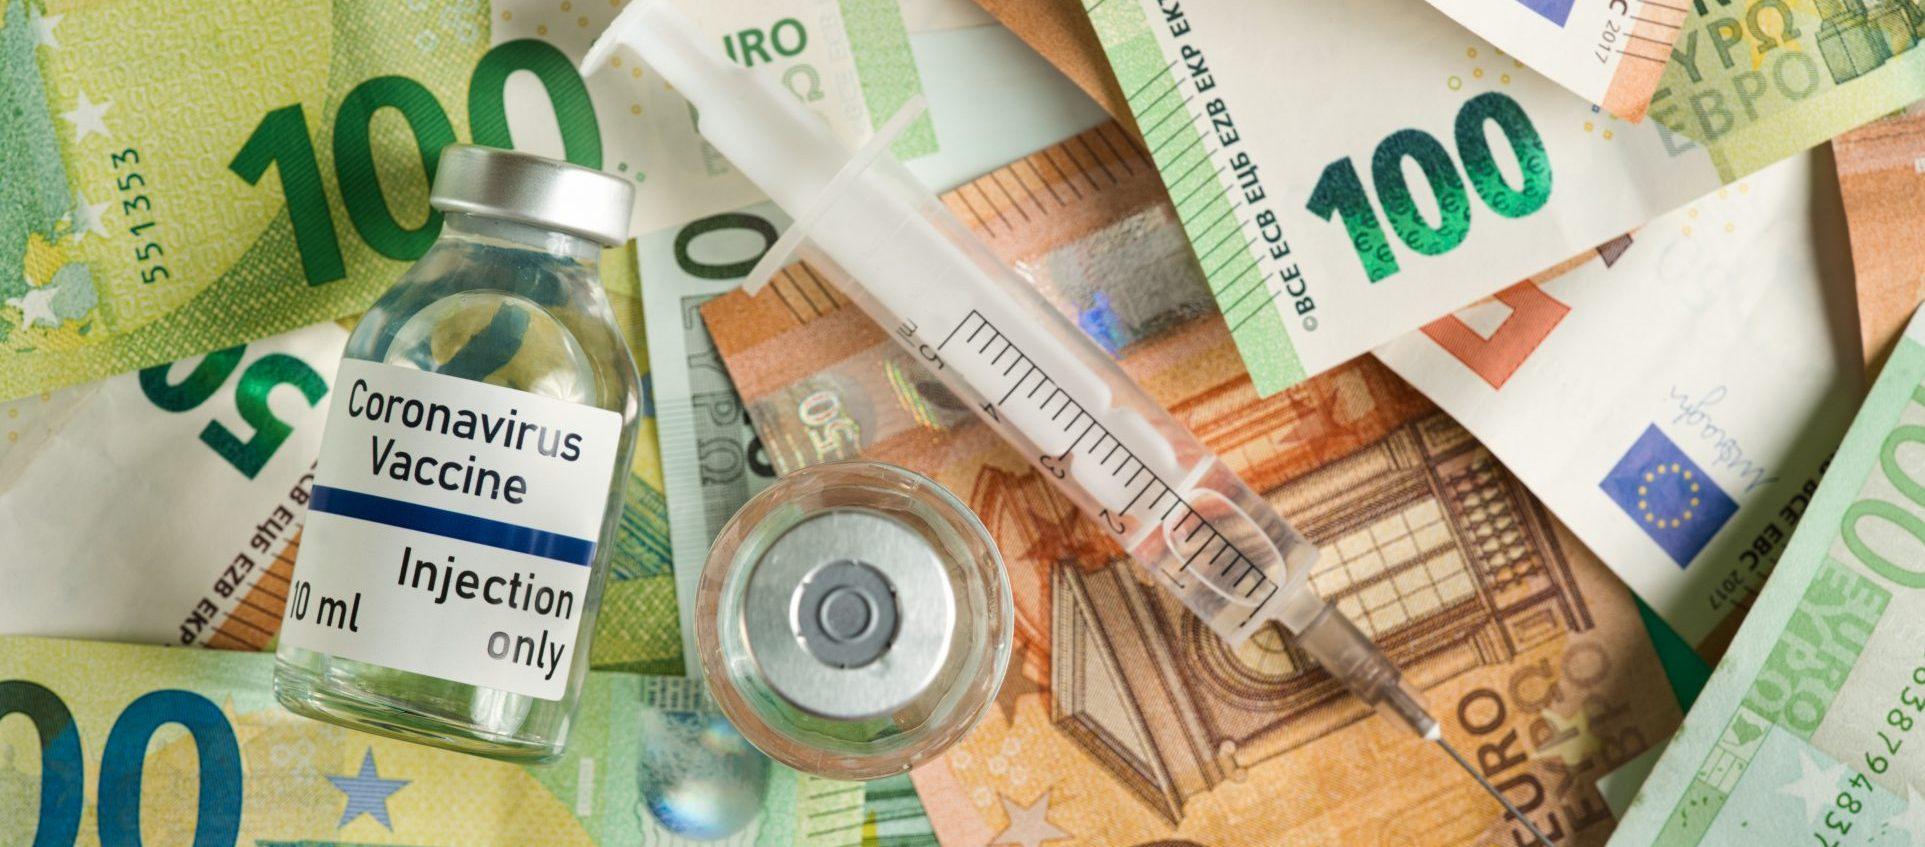 La vacuna de la COVID-19: el impacto social debe primar sobre el beneficio económico